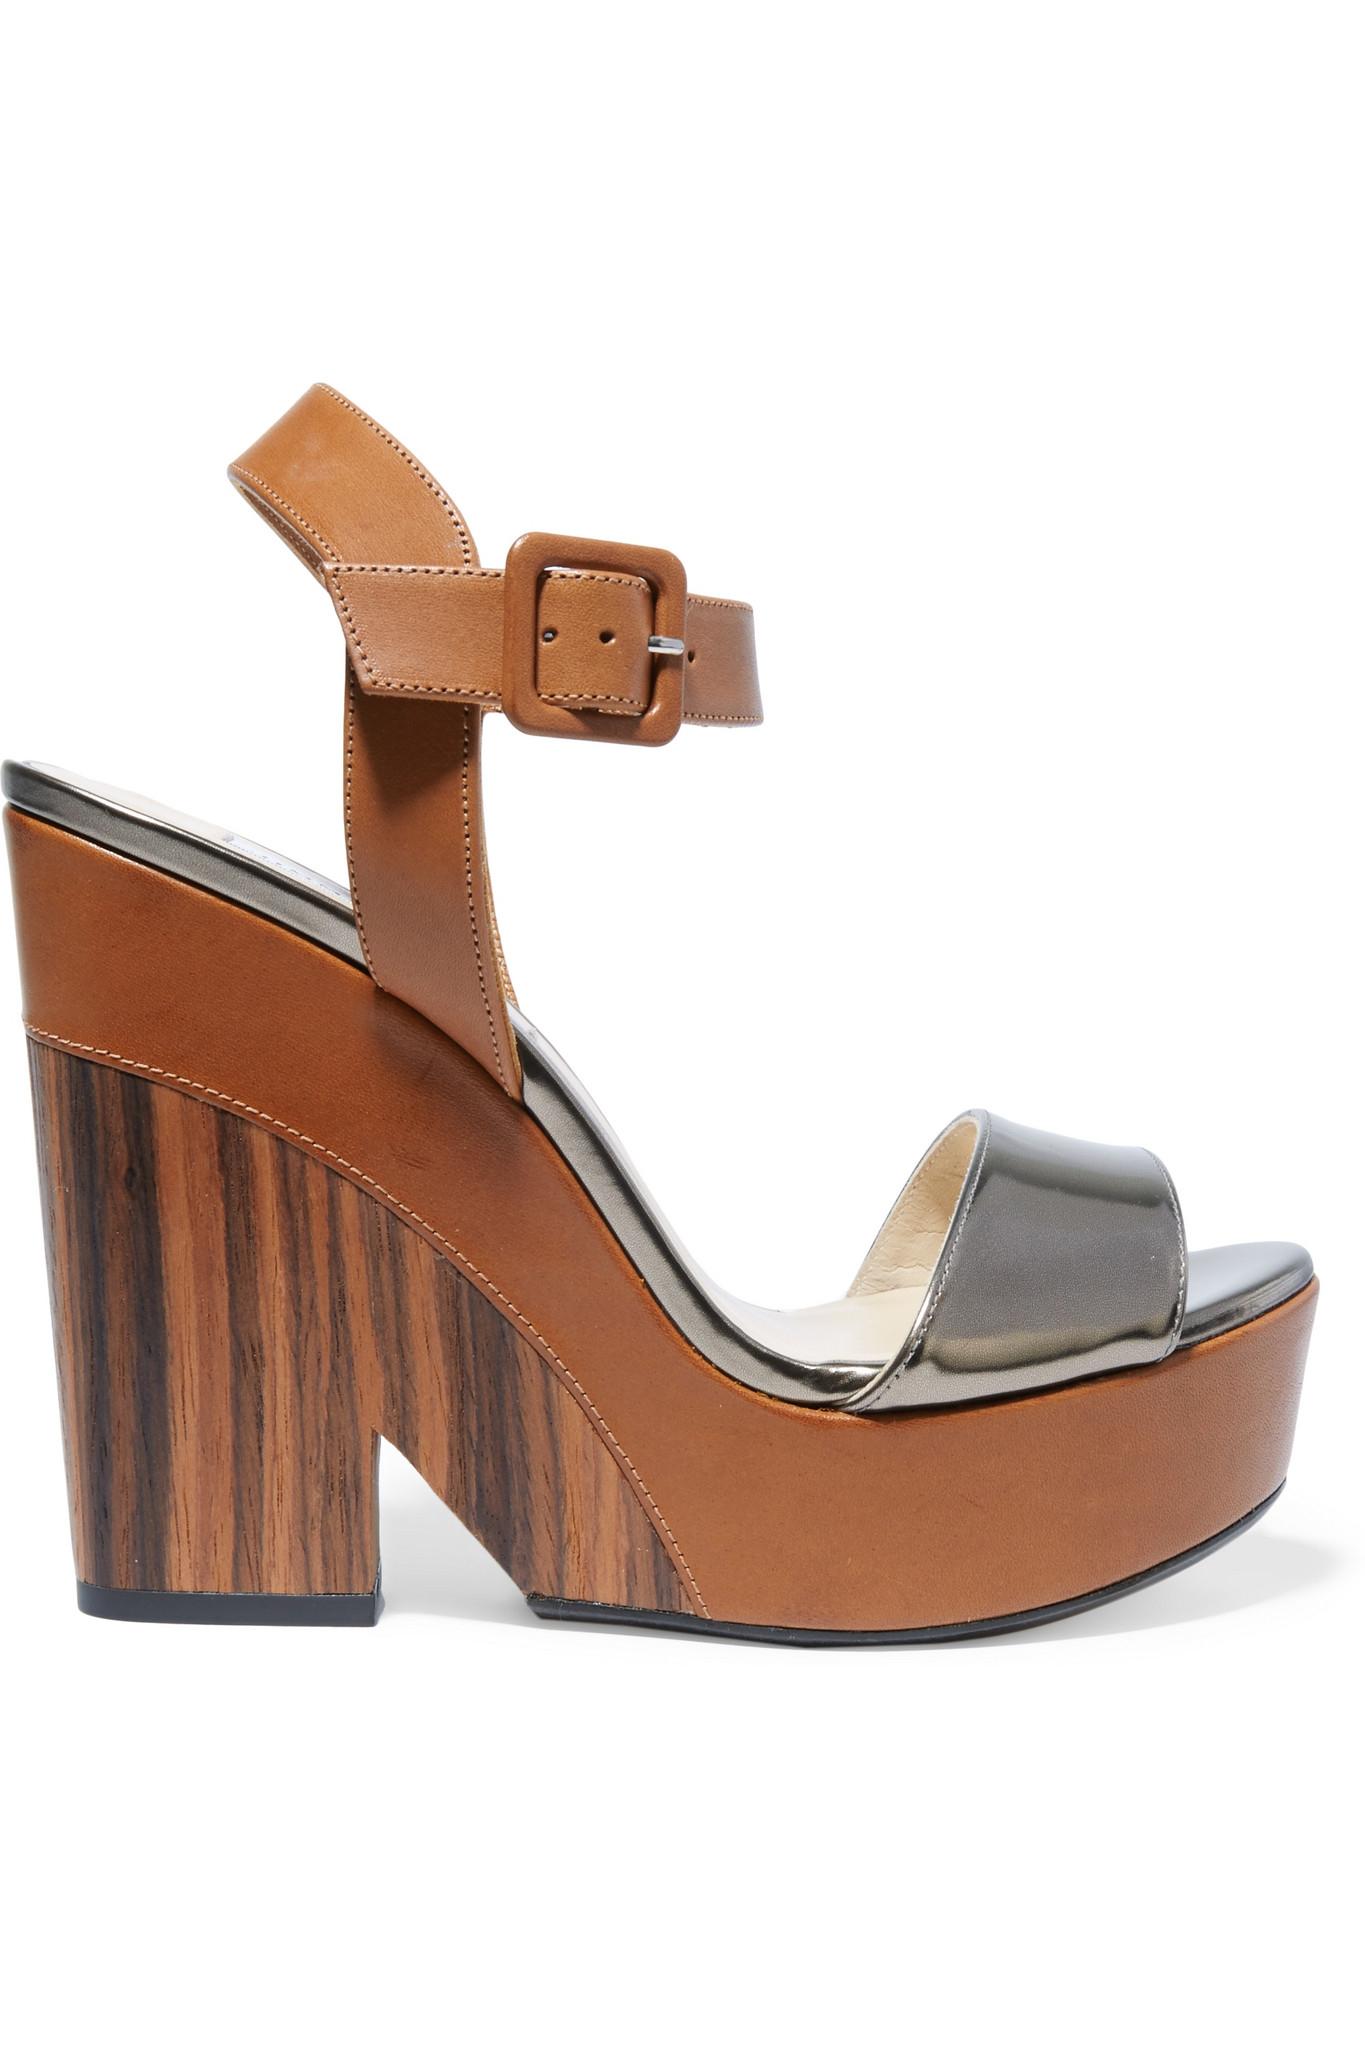 Lyst Jimmy Choo Nico Metallic Leather Wedge Sandals